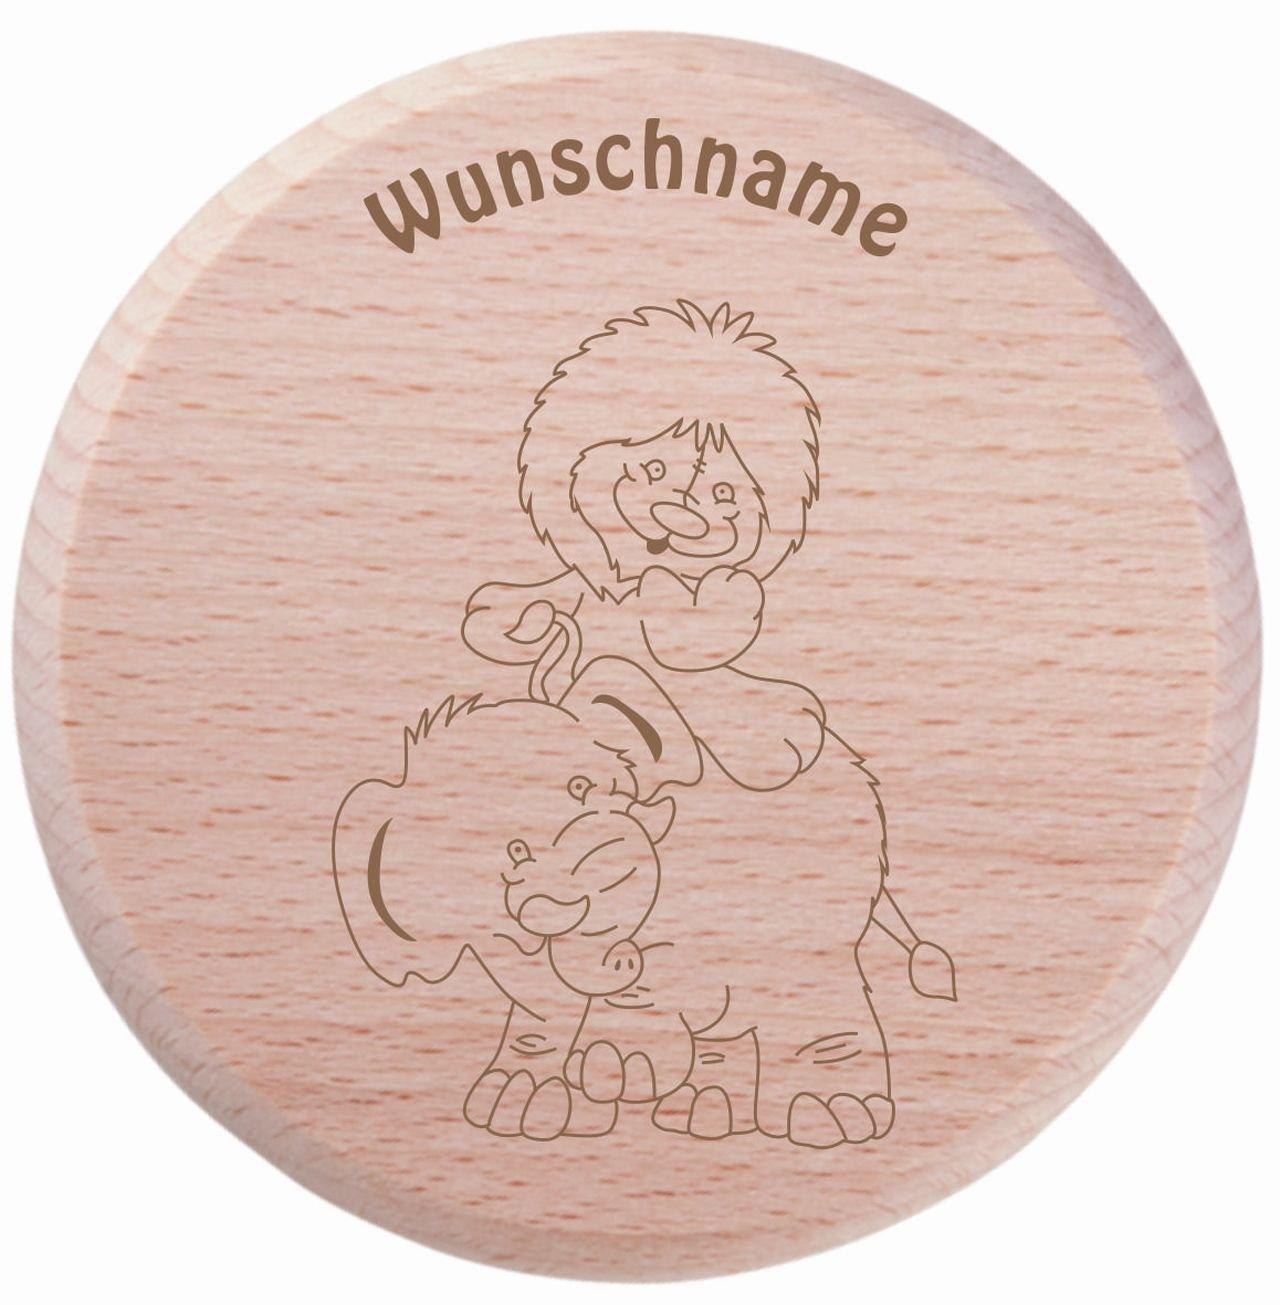 Farbklecks Collection - Trinkglas Deckel - Löwenbaby Motiv 10 - personalisierbar mit Namensgravur - Schutzdeckel - Glasdeckel - Insektendeckel - Insektenschutzdeckel - Glasabdeckung